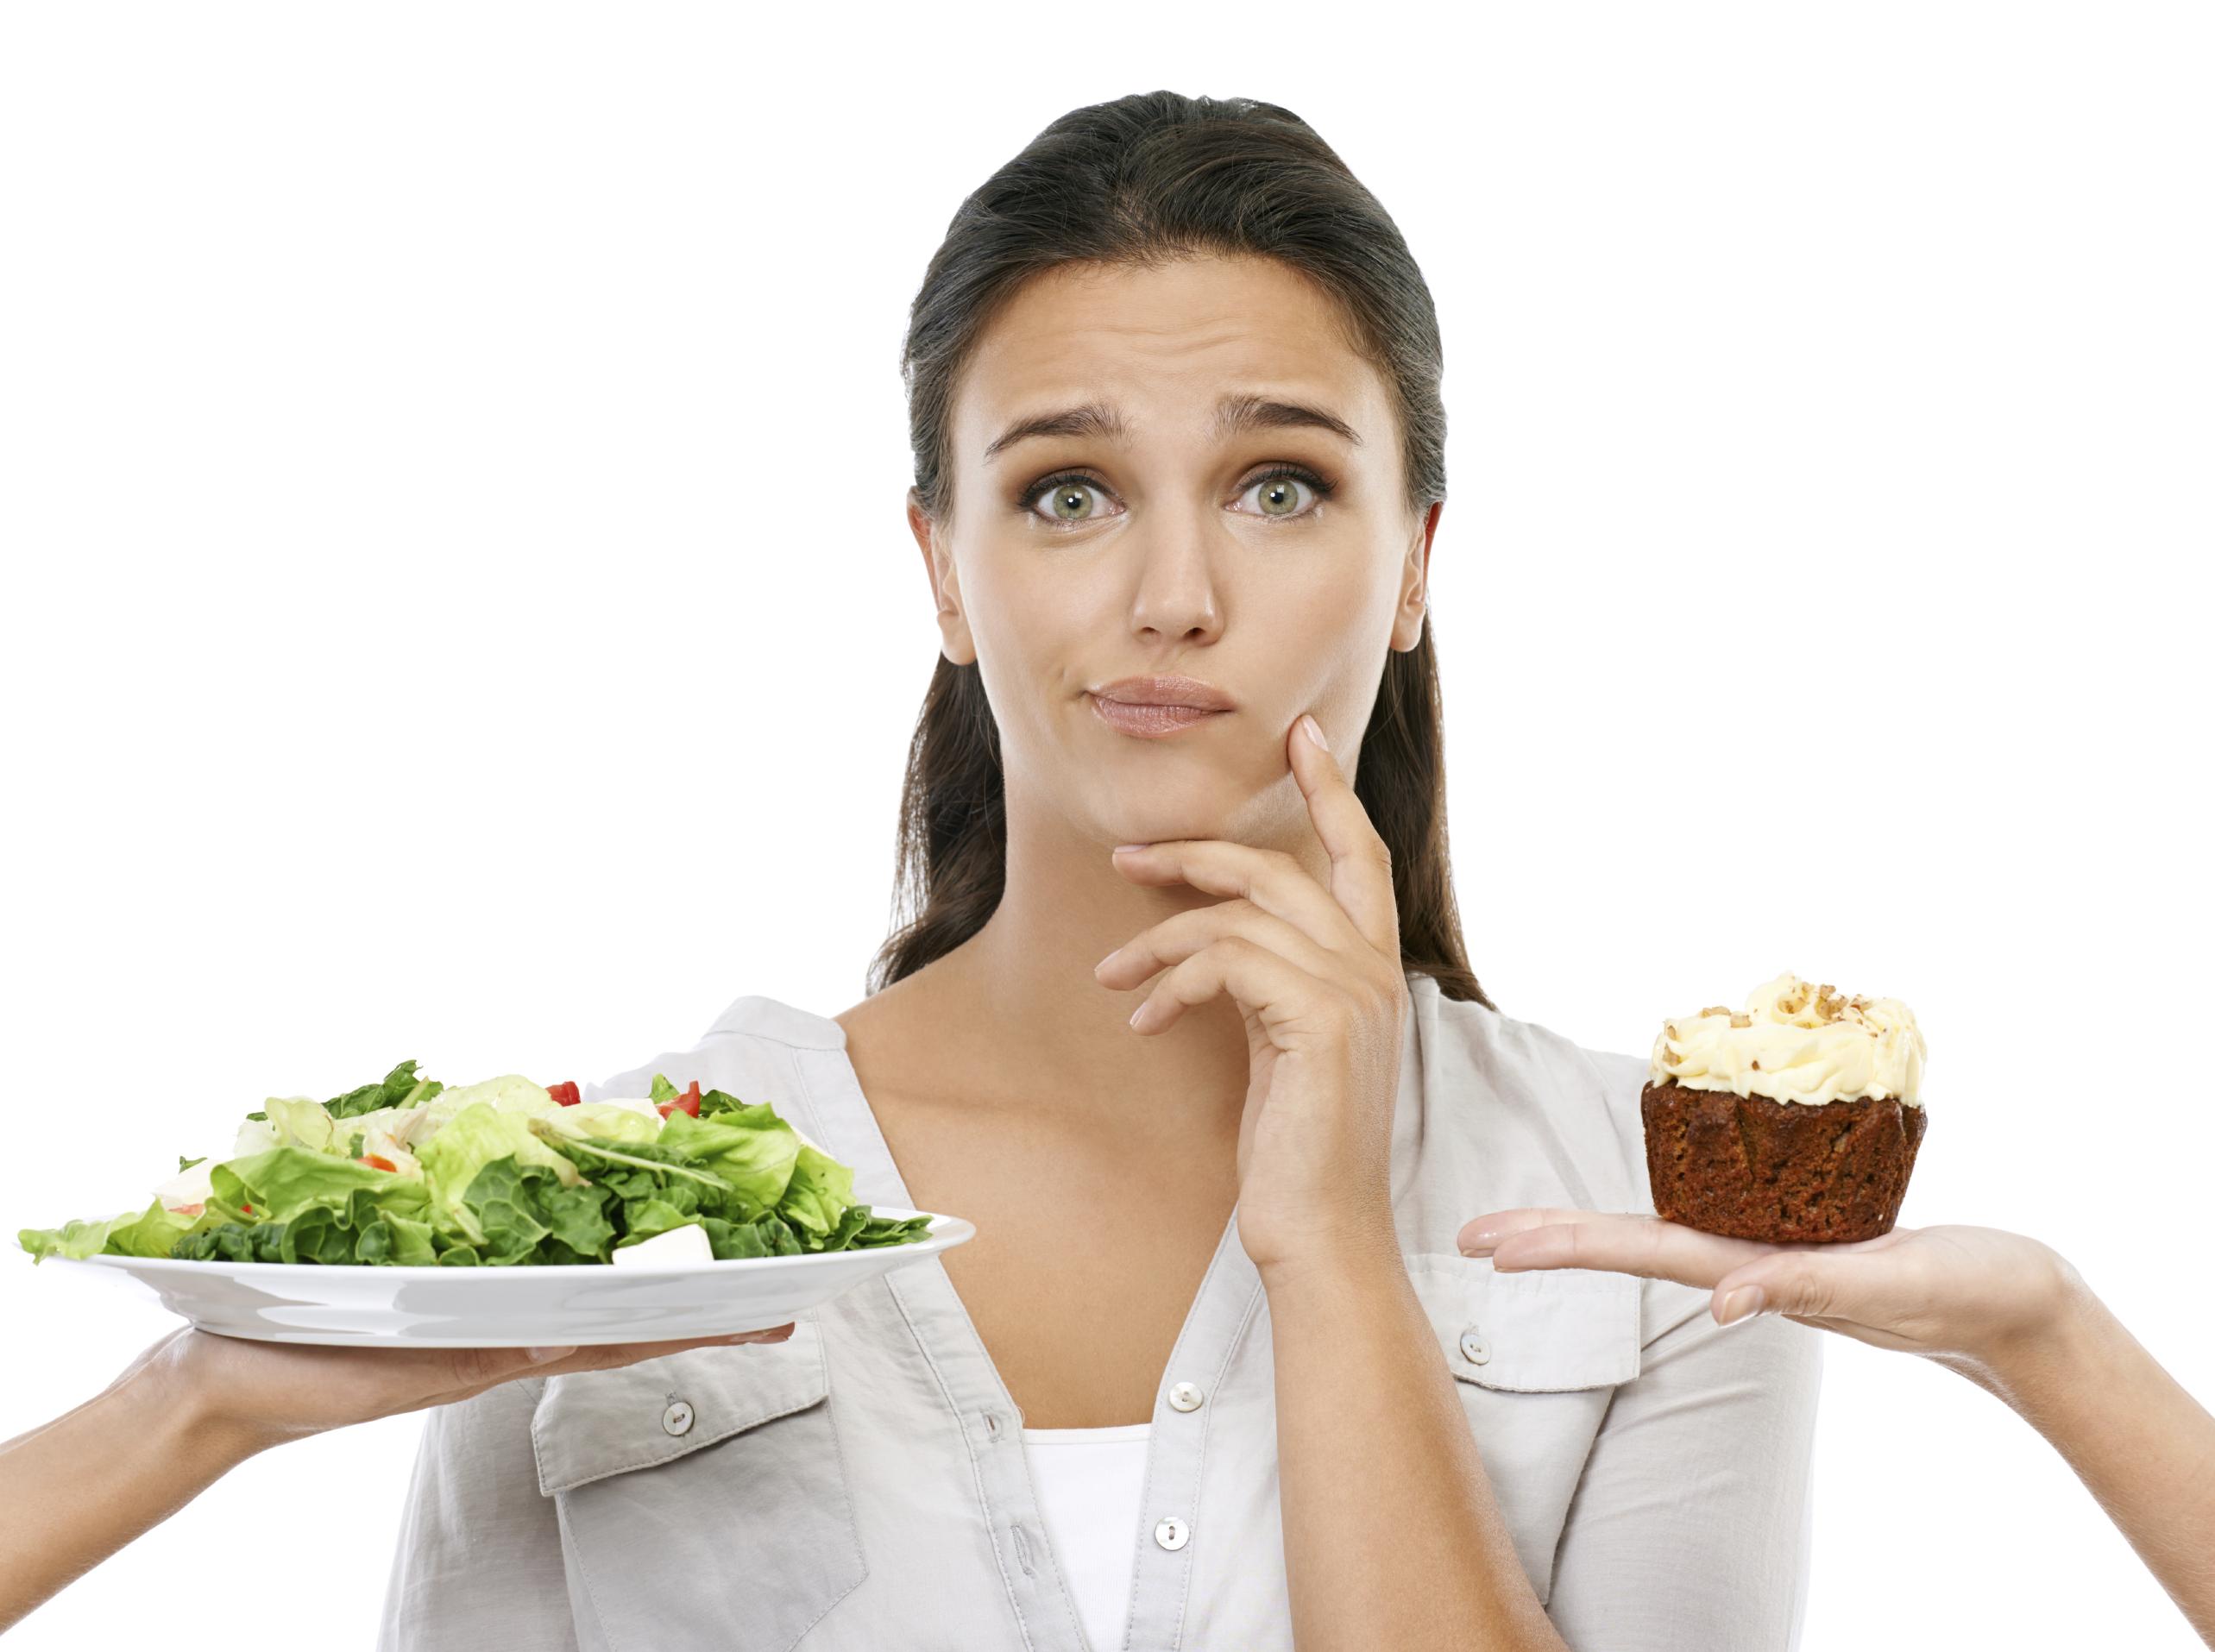 népi gyógymódok hogyan kell kezelni a magas vérnyomást glükózamin és magas vérnyomás